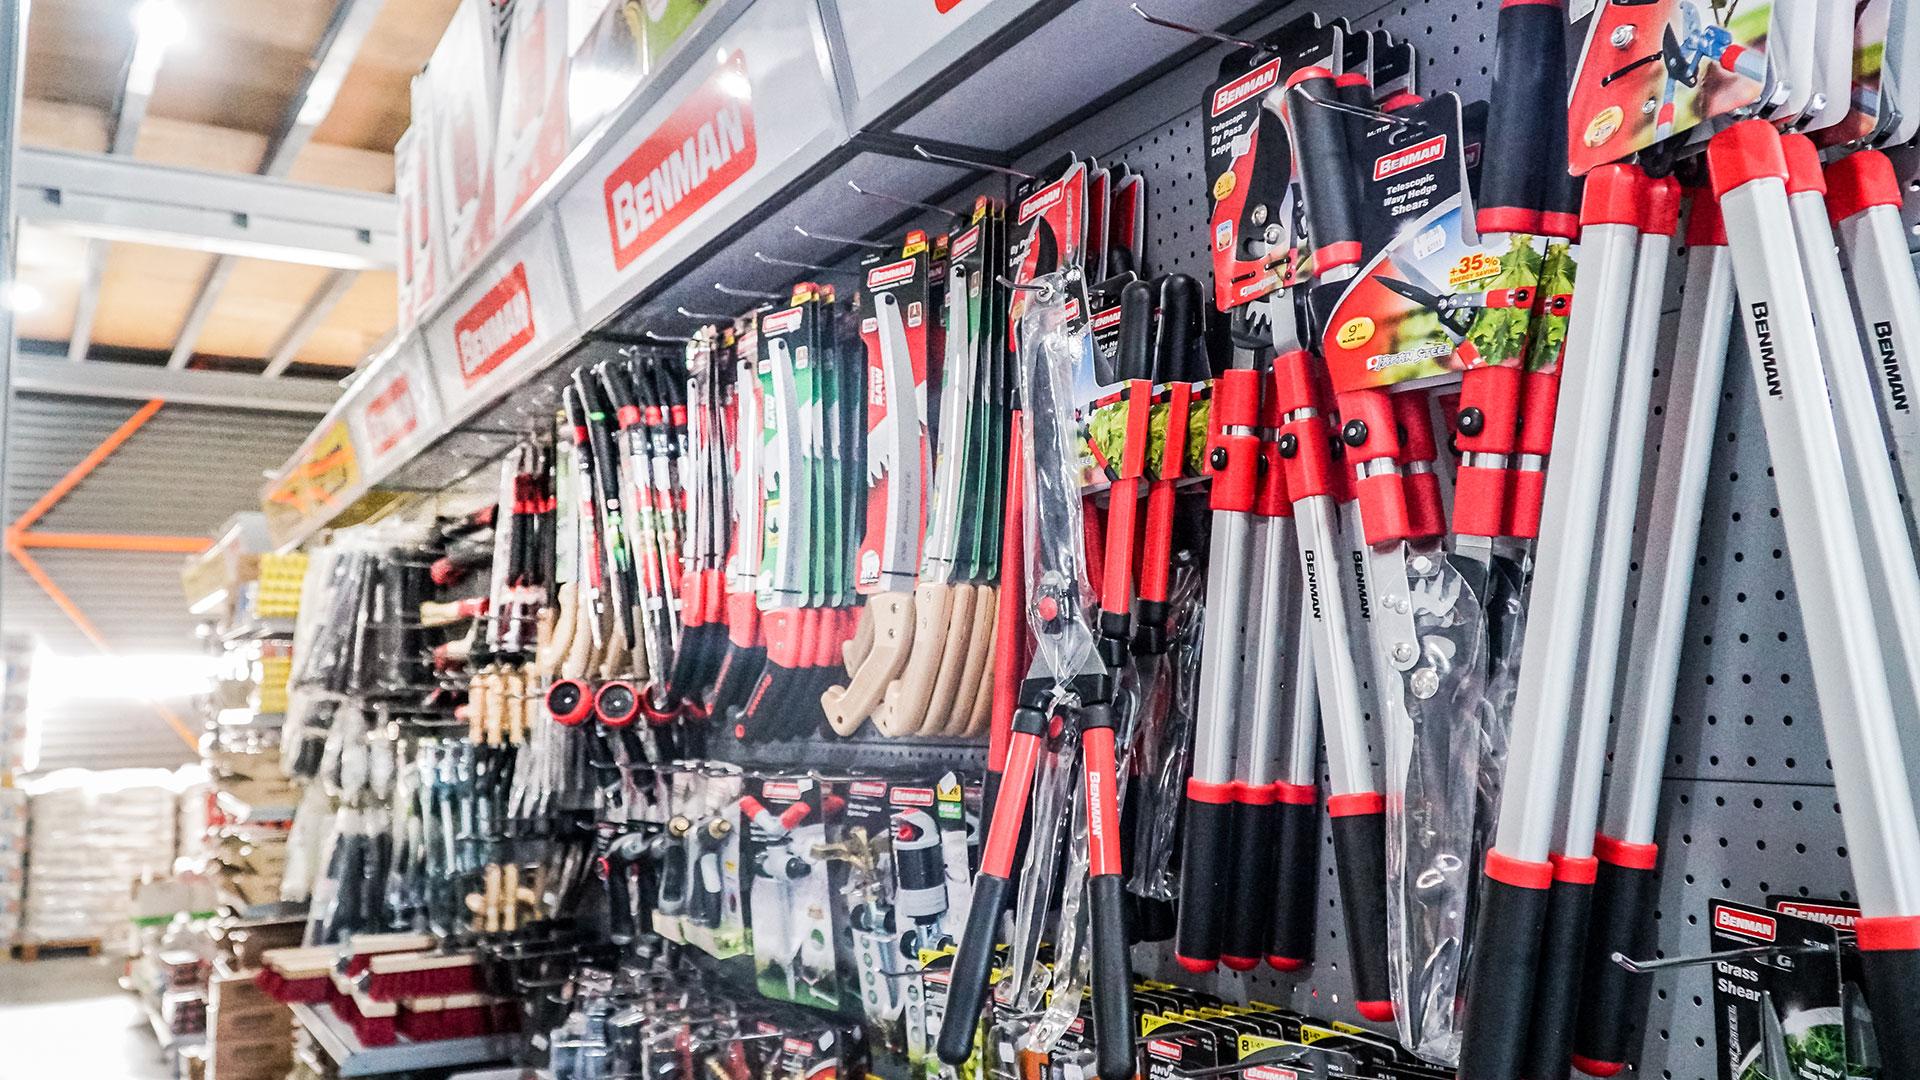 bensman tools